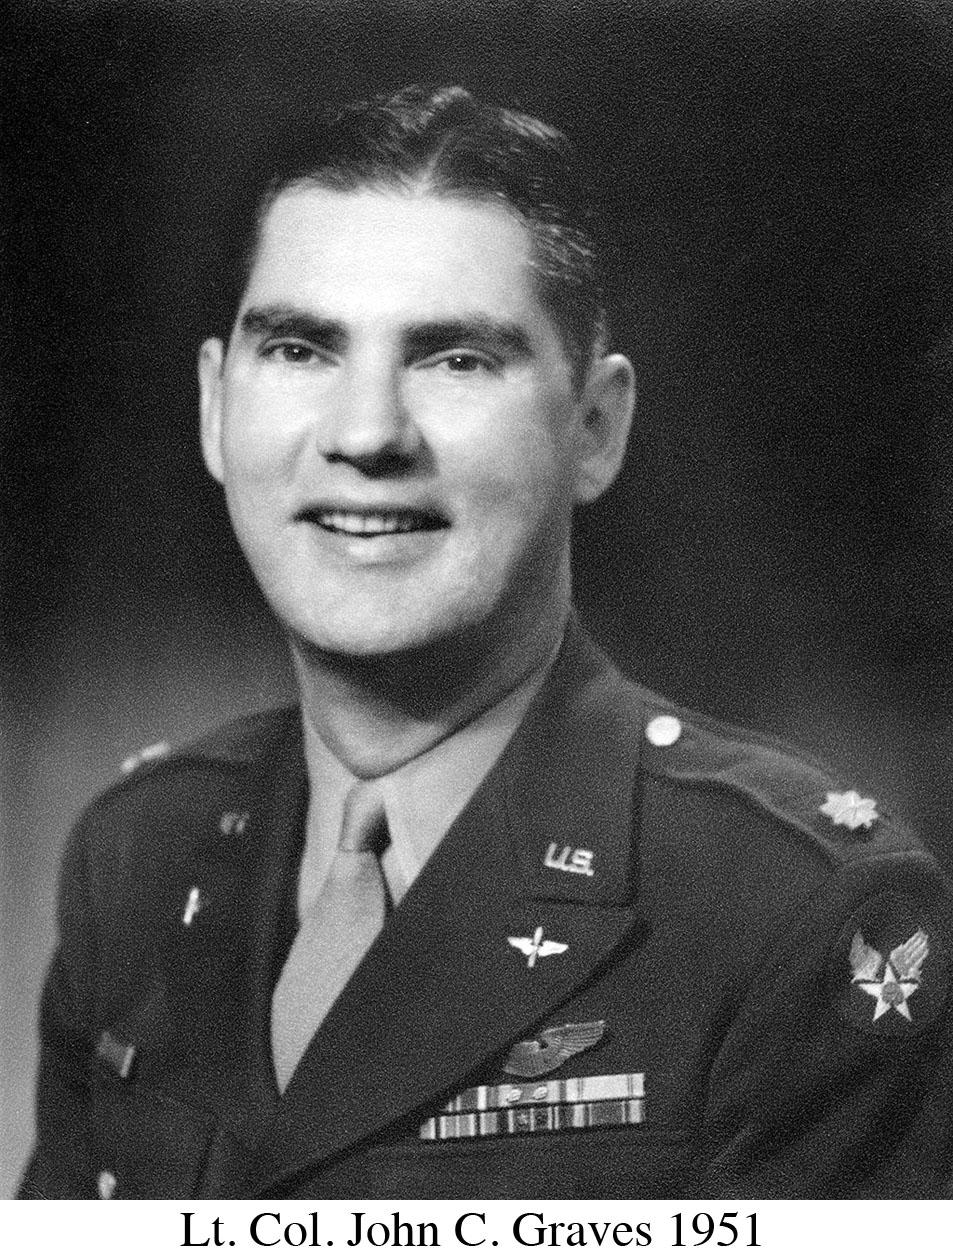 John C Graves Lt. Col 1951